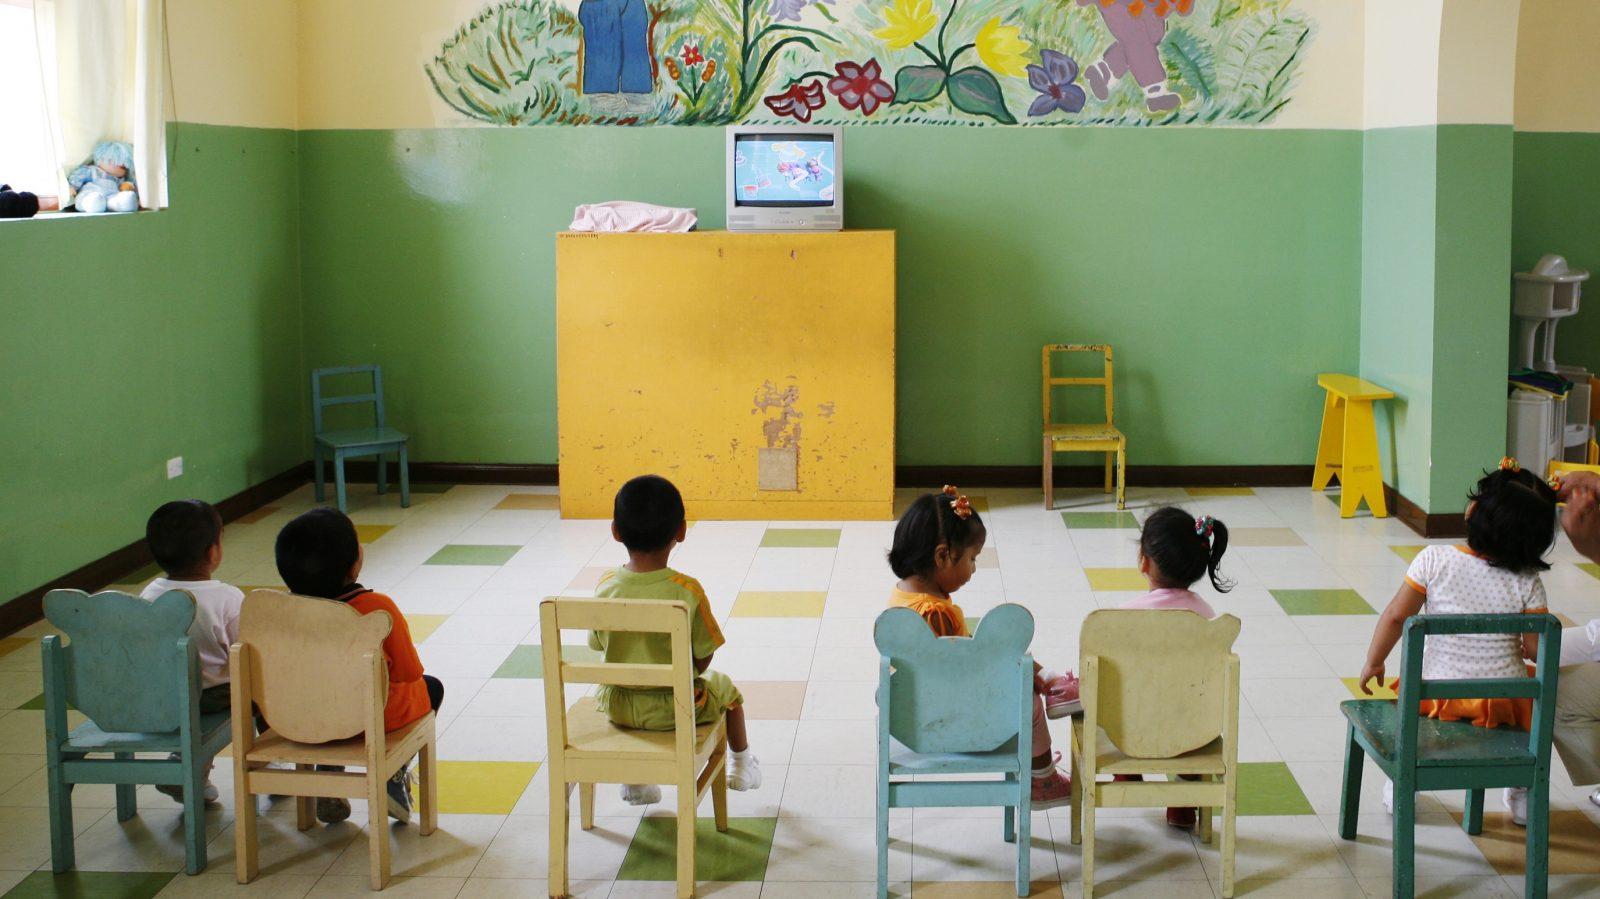 Children watch TV.